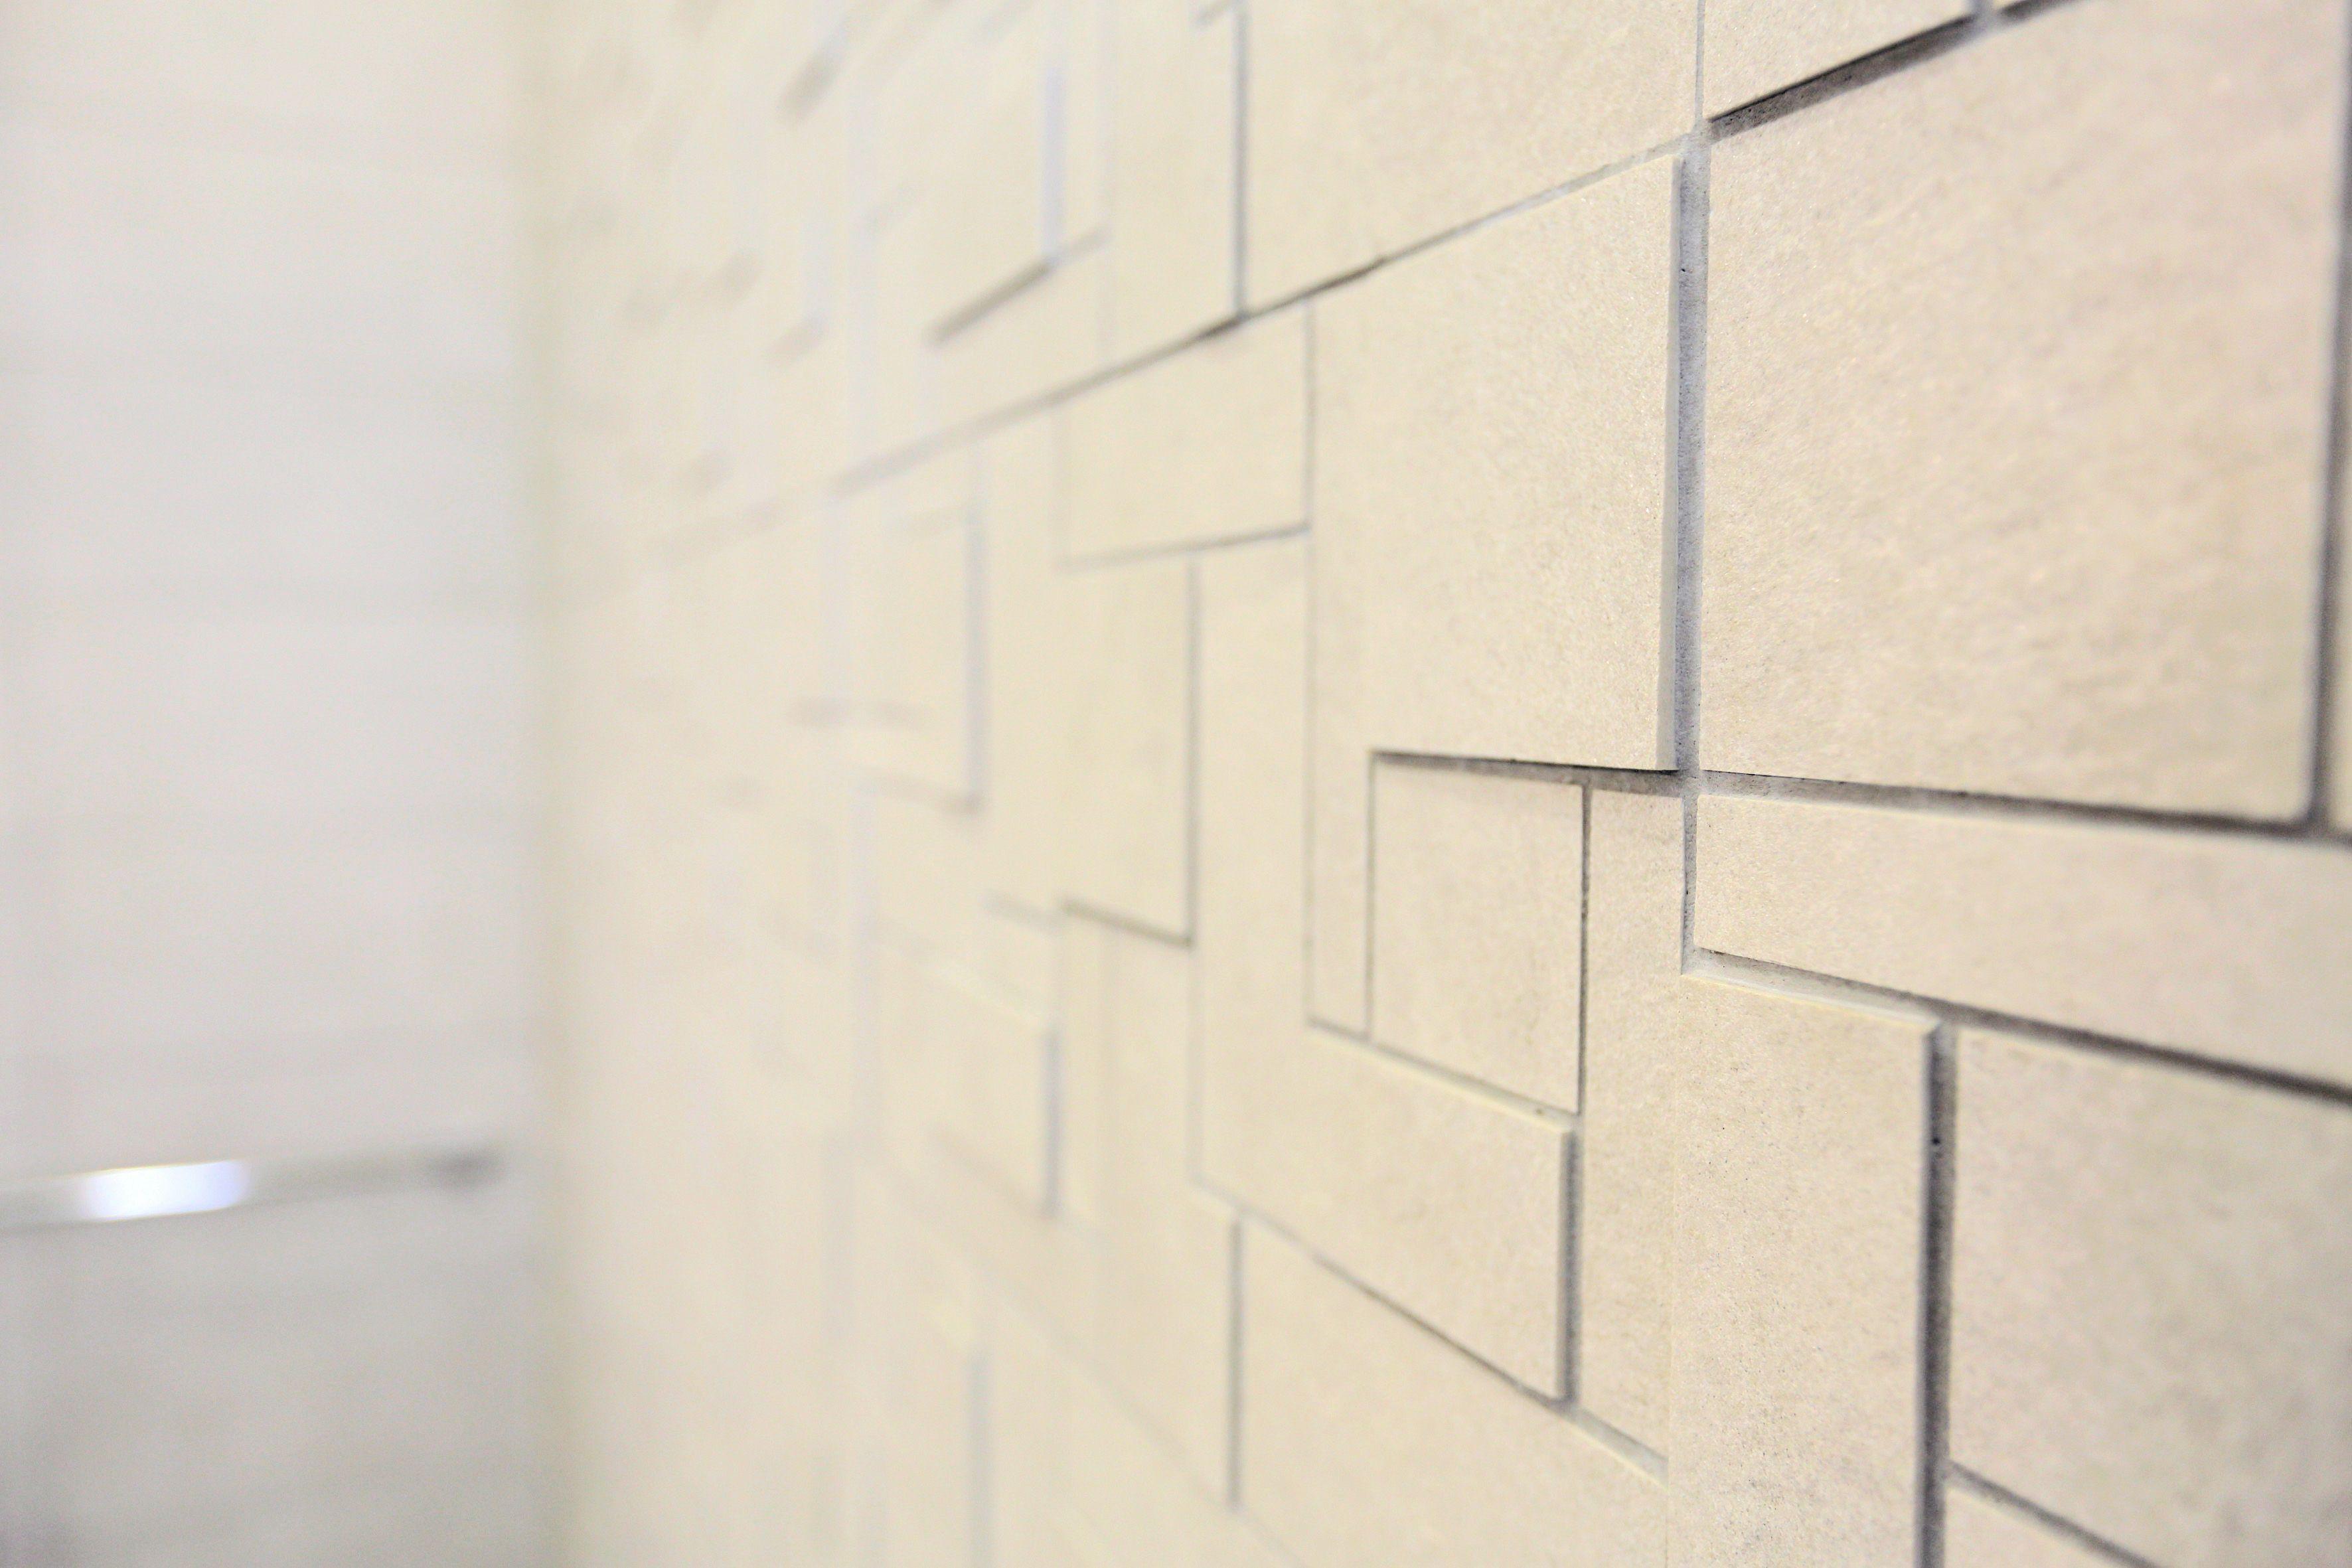 Eloa kylpyhuoneen seinässä #mosaiikki #3dmosaiikki #beige #mosaiikkiseinä #vaalea #laatat #abllaatat #abl